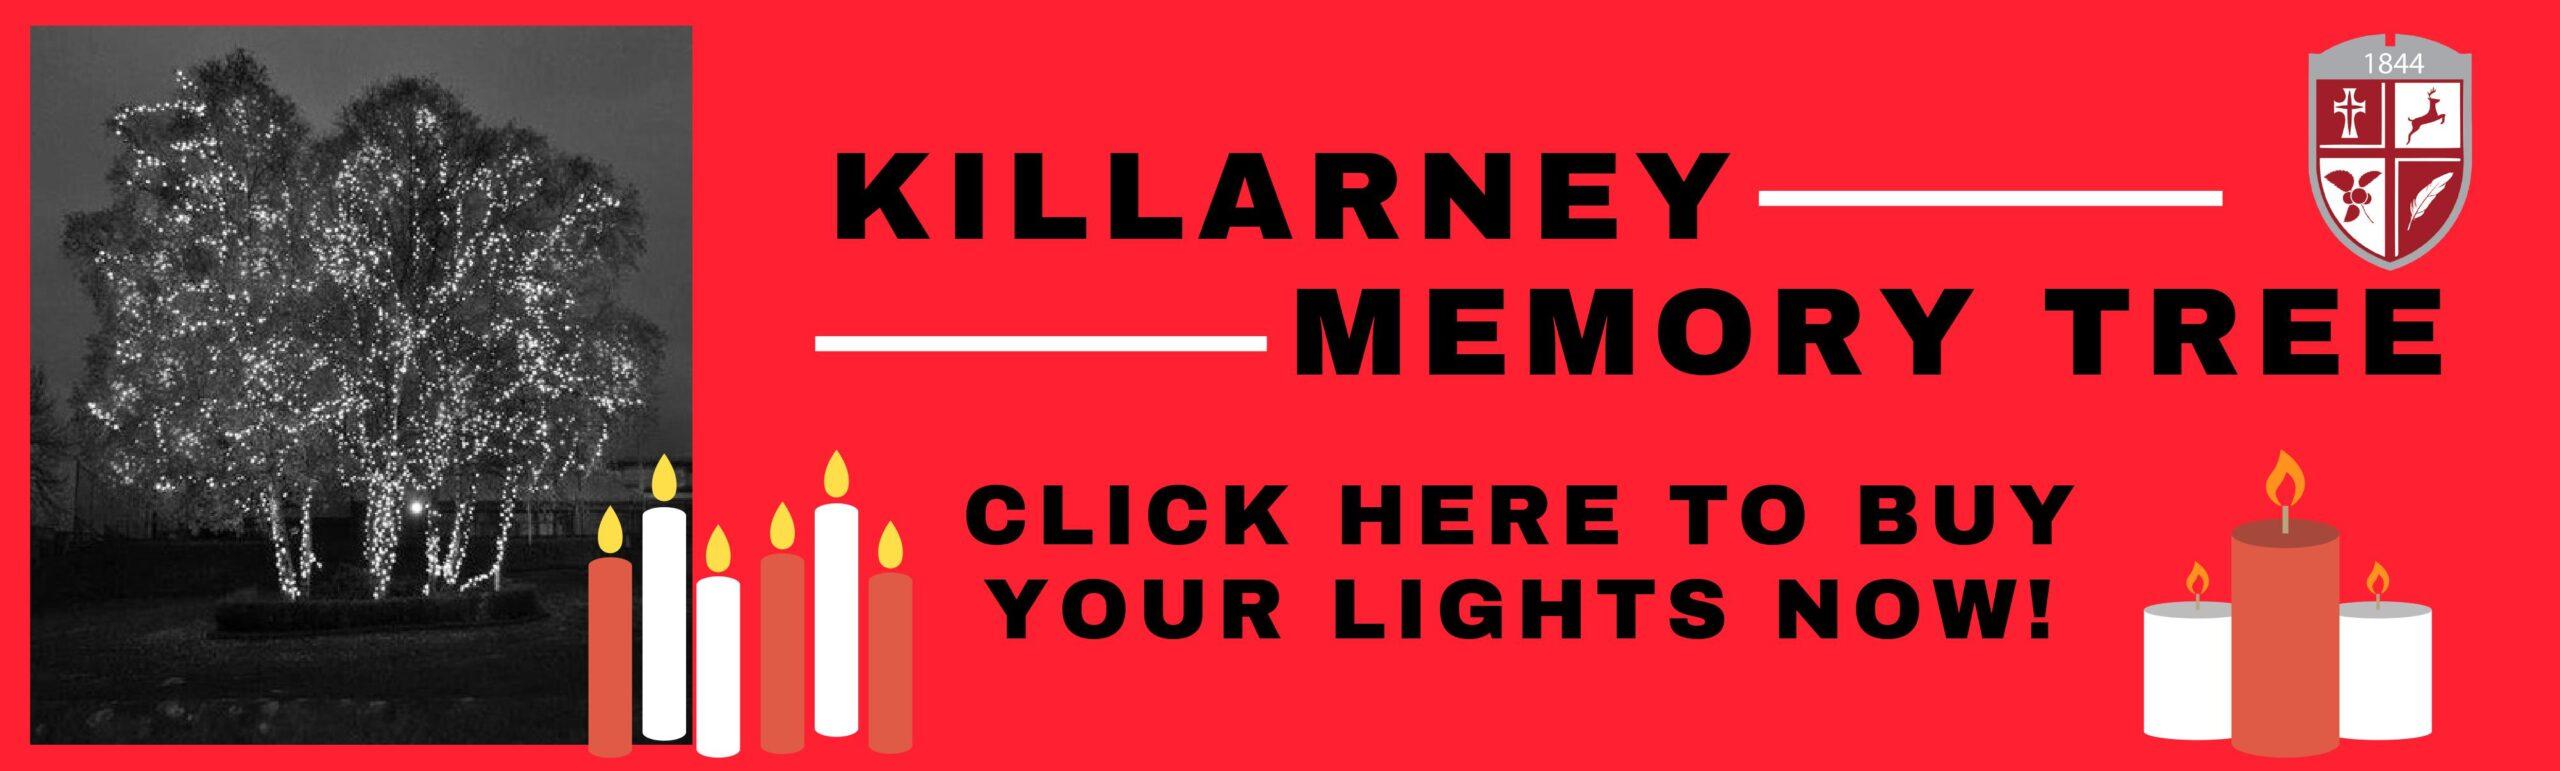 Killarney Memory Tree